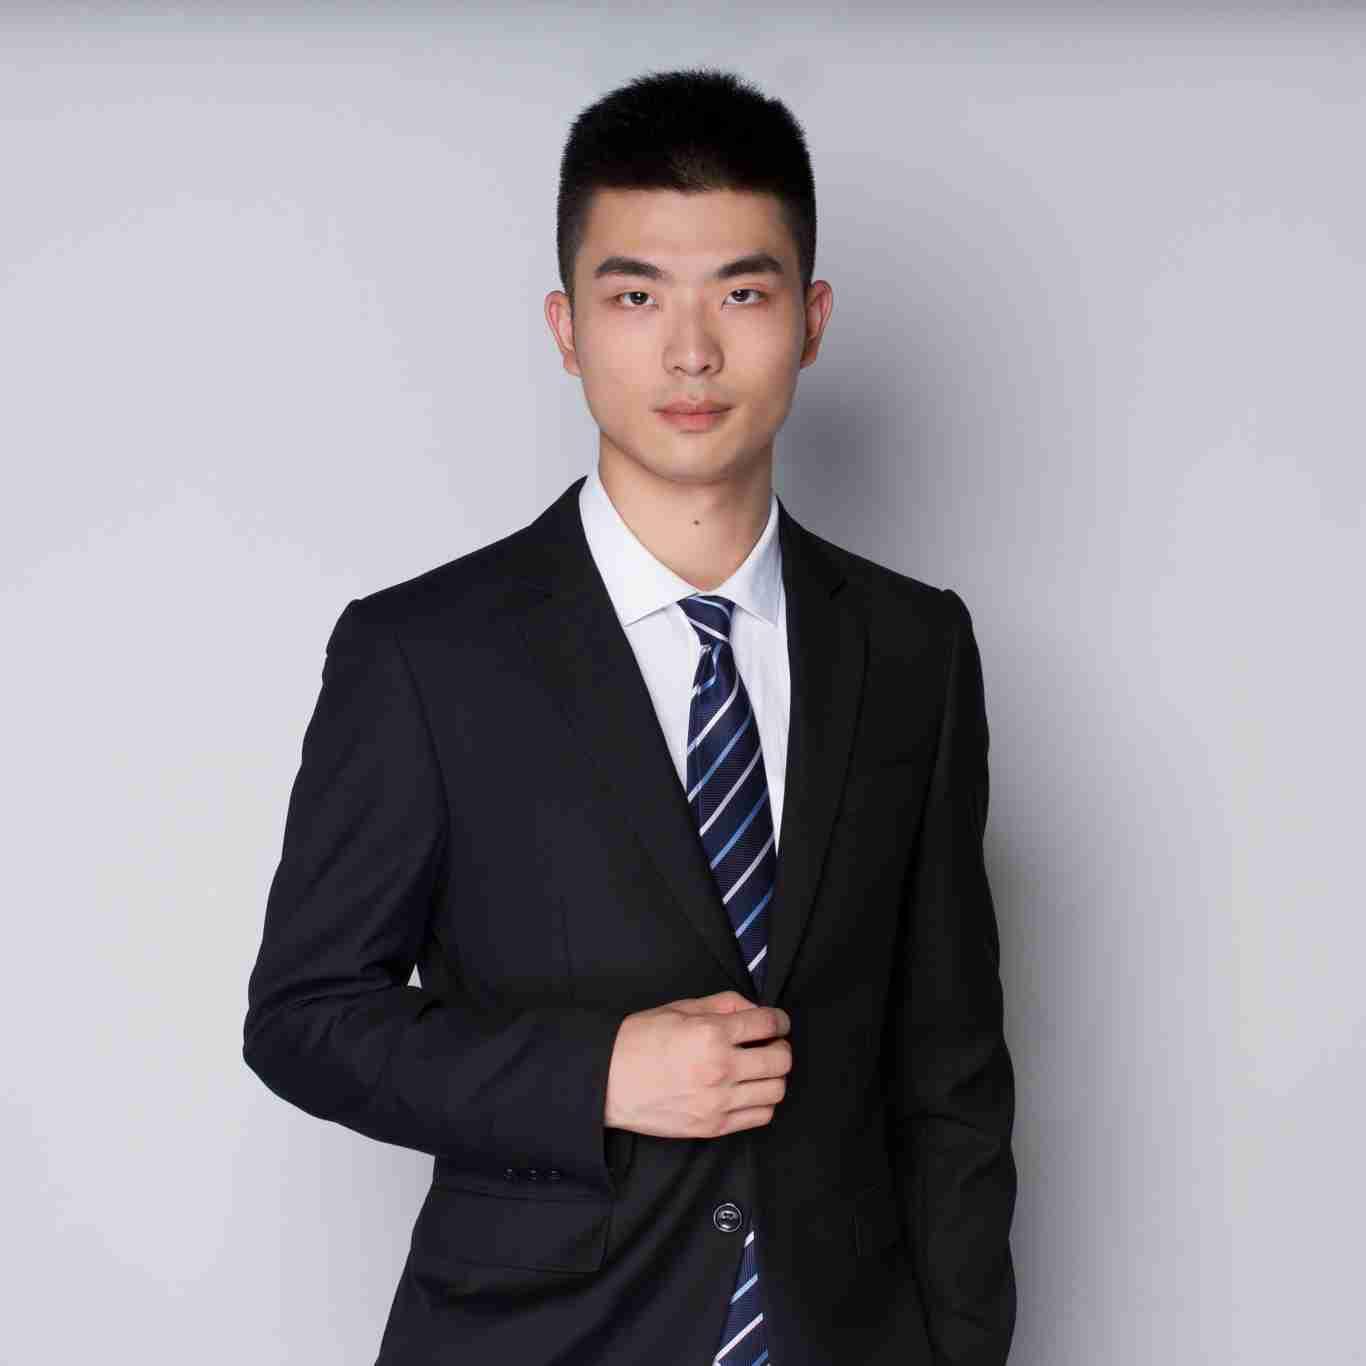 Shijie Zhan